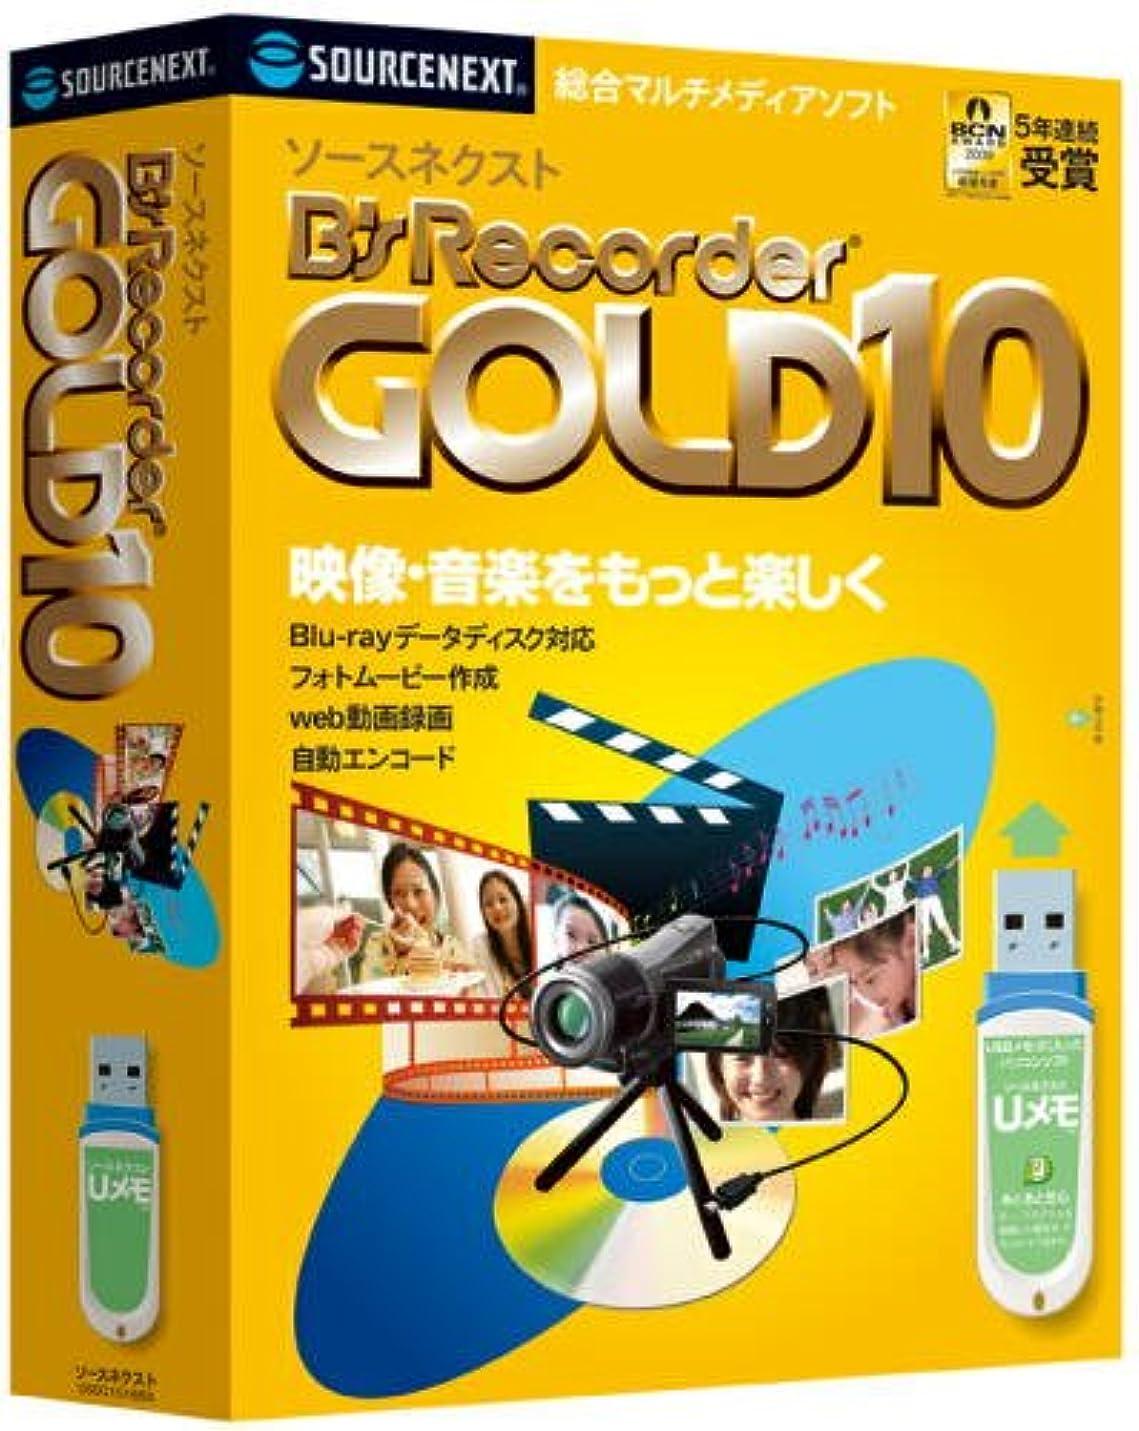 ソースネクスト B's Recorder GOLD10 (Uメモ)